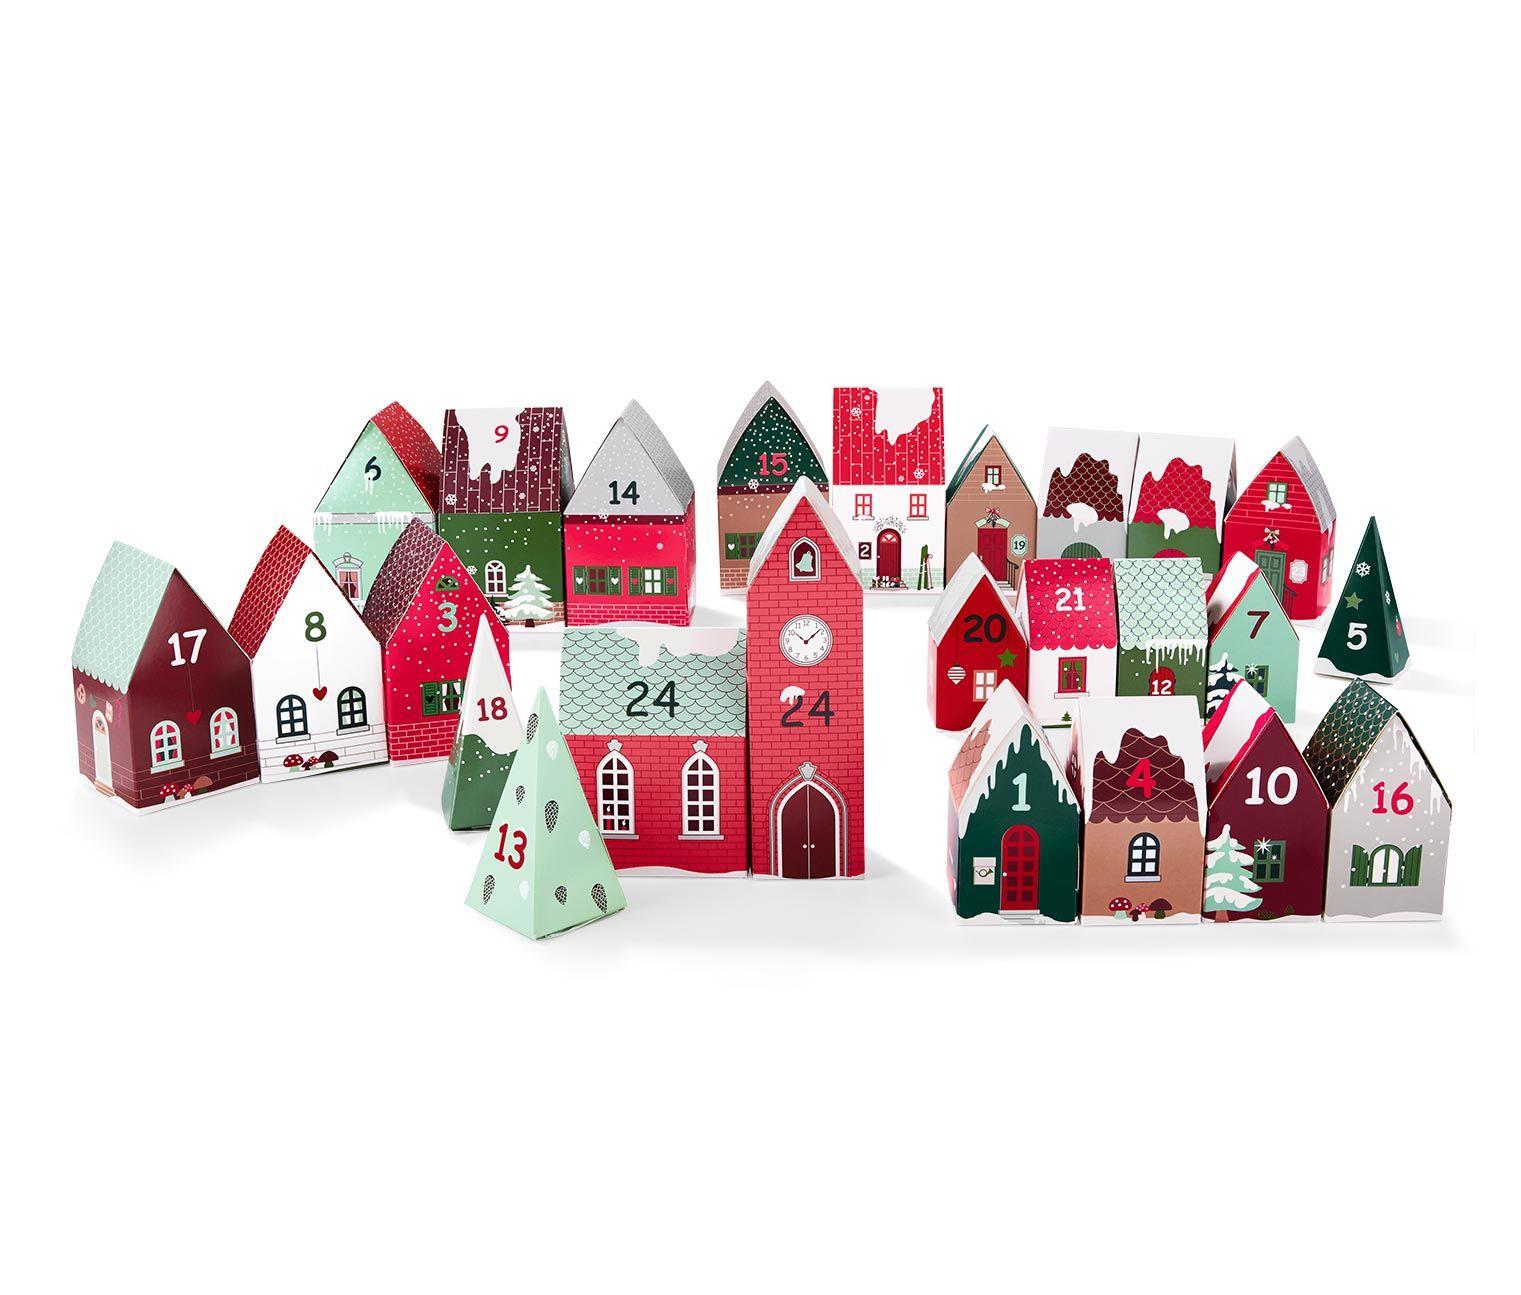 12,99 Adventskalender Dorf Zum Zusammenfalten Kinder Lieben Adventskalender Dieser Originelle Kalender